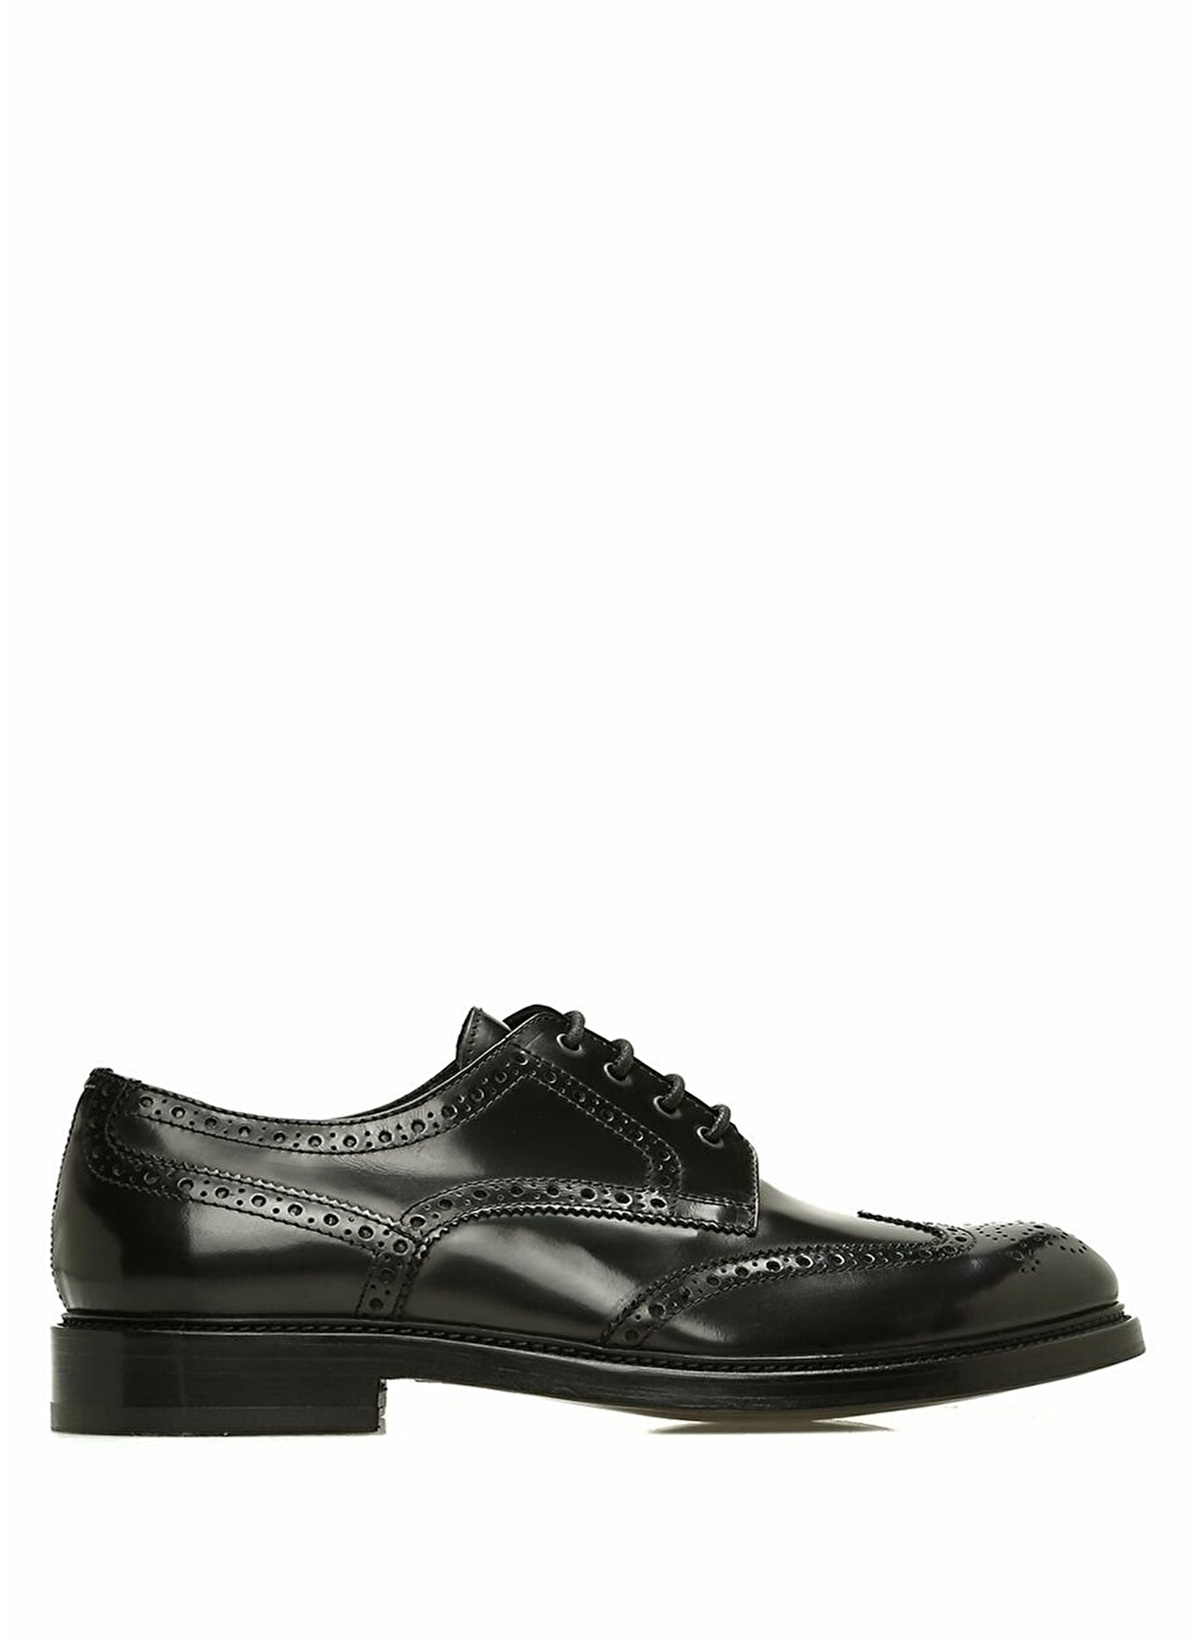 Beymen Collection Deri Oxford Ayakkabı 101267498 E Ayakkabı – 649.0 TL